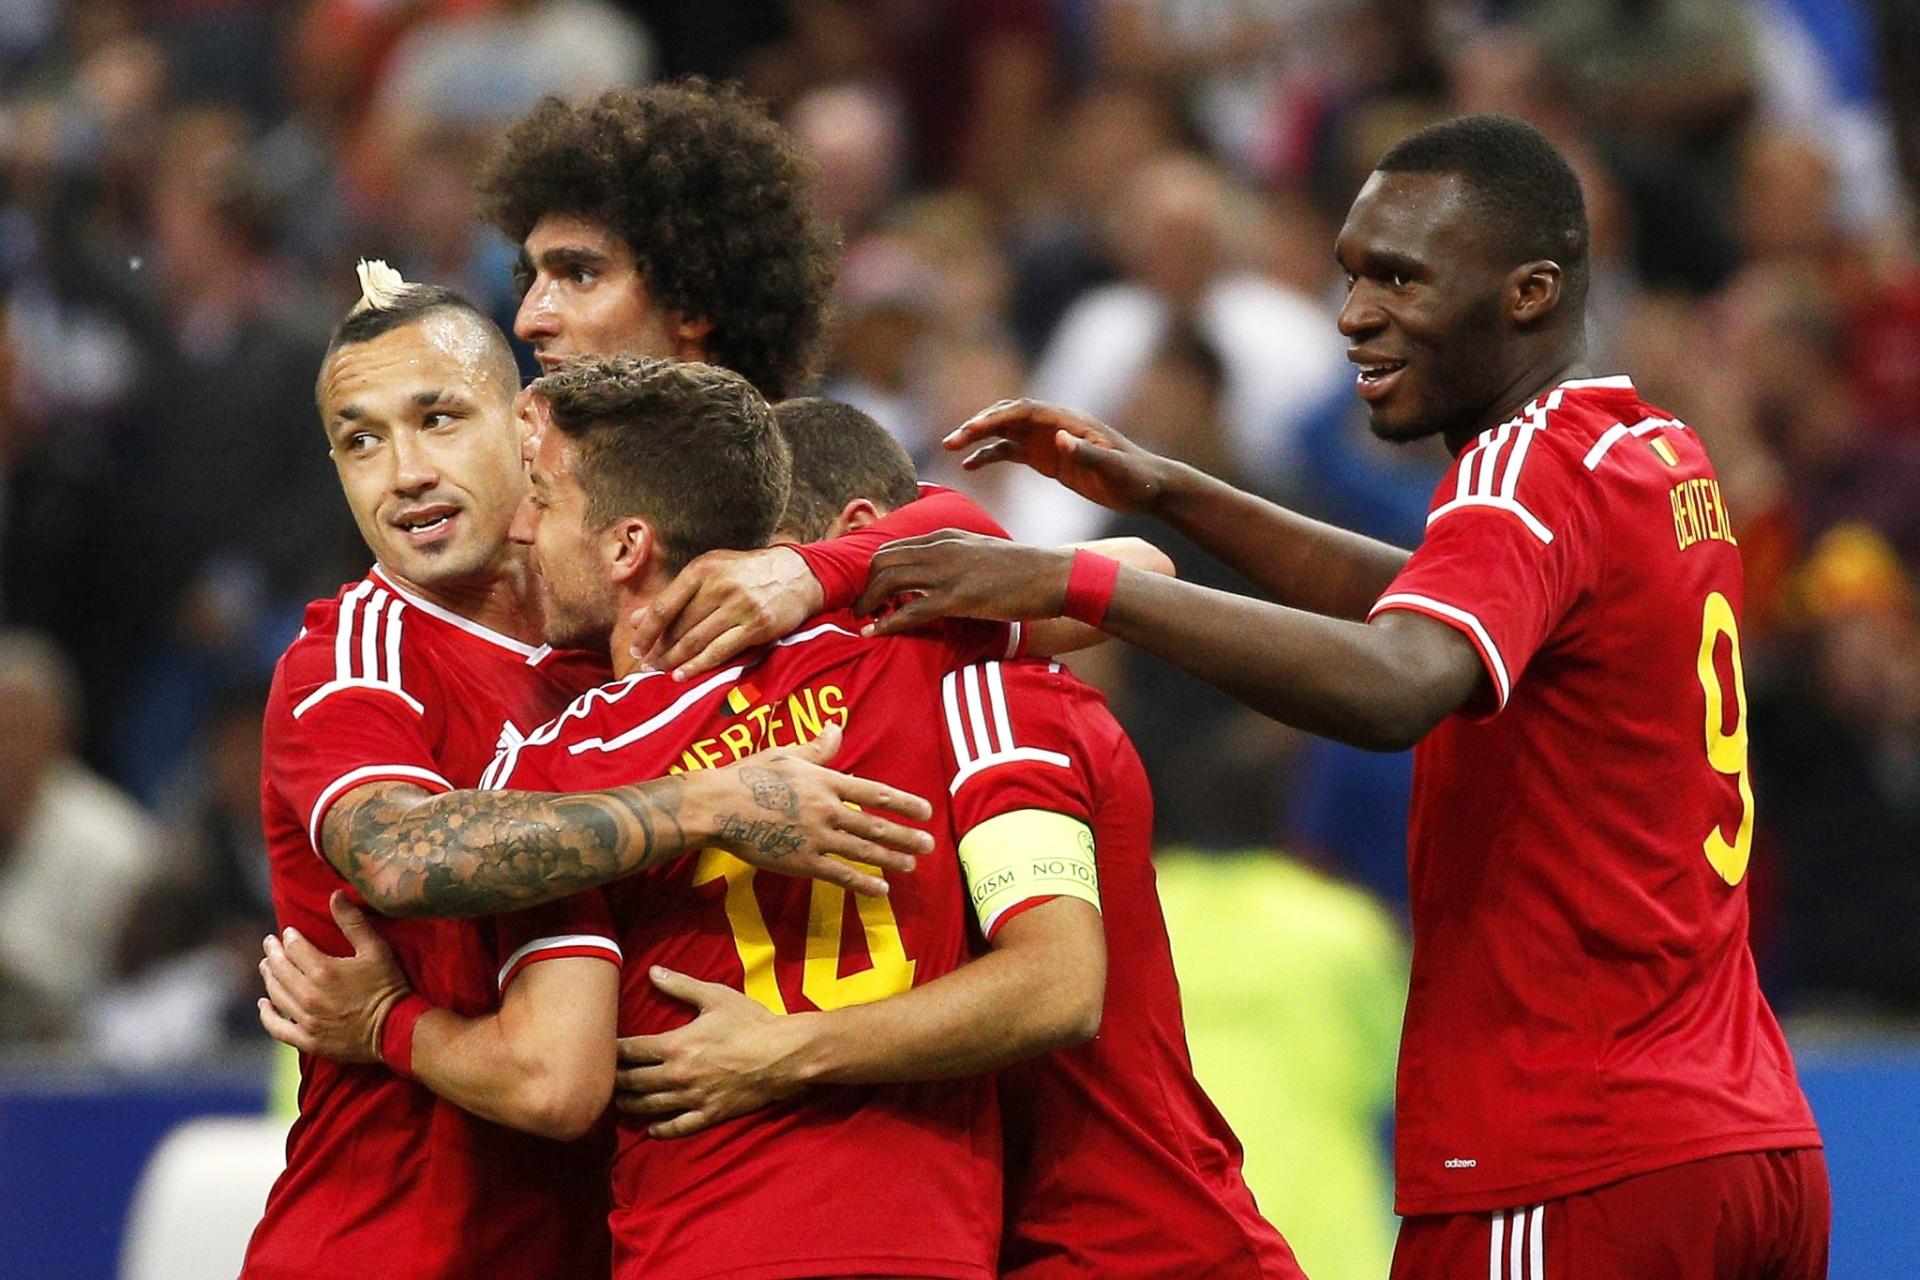 Bélgica lidera ranking da Fifa pela 1ª vez na história  Brasil é o 8º -  05 11 2015 - UOL Esporte 9a24174c344f3